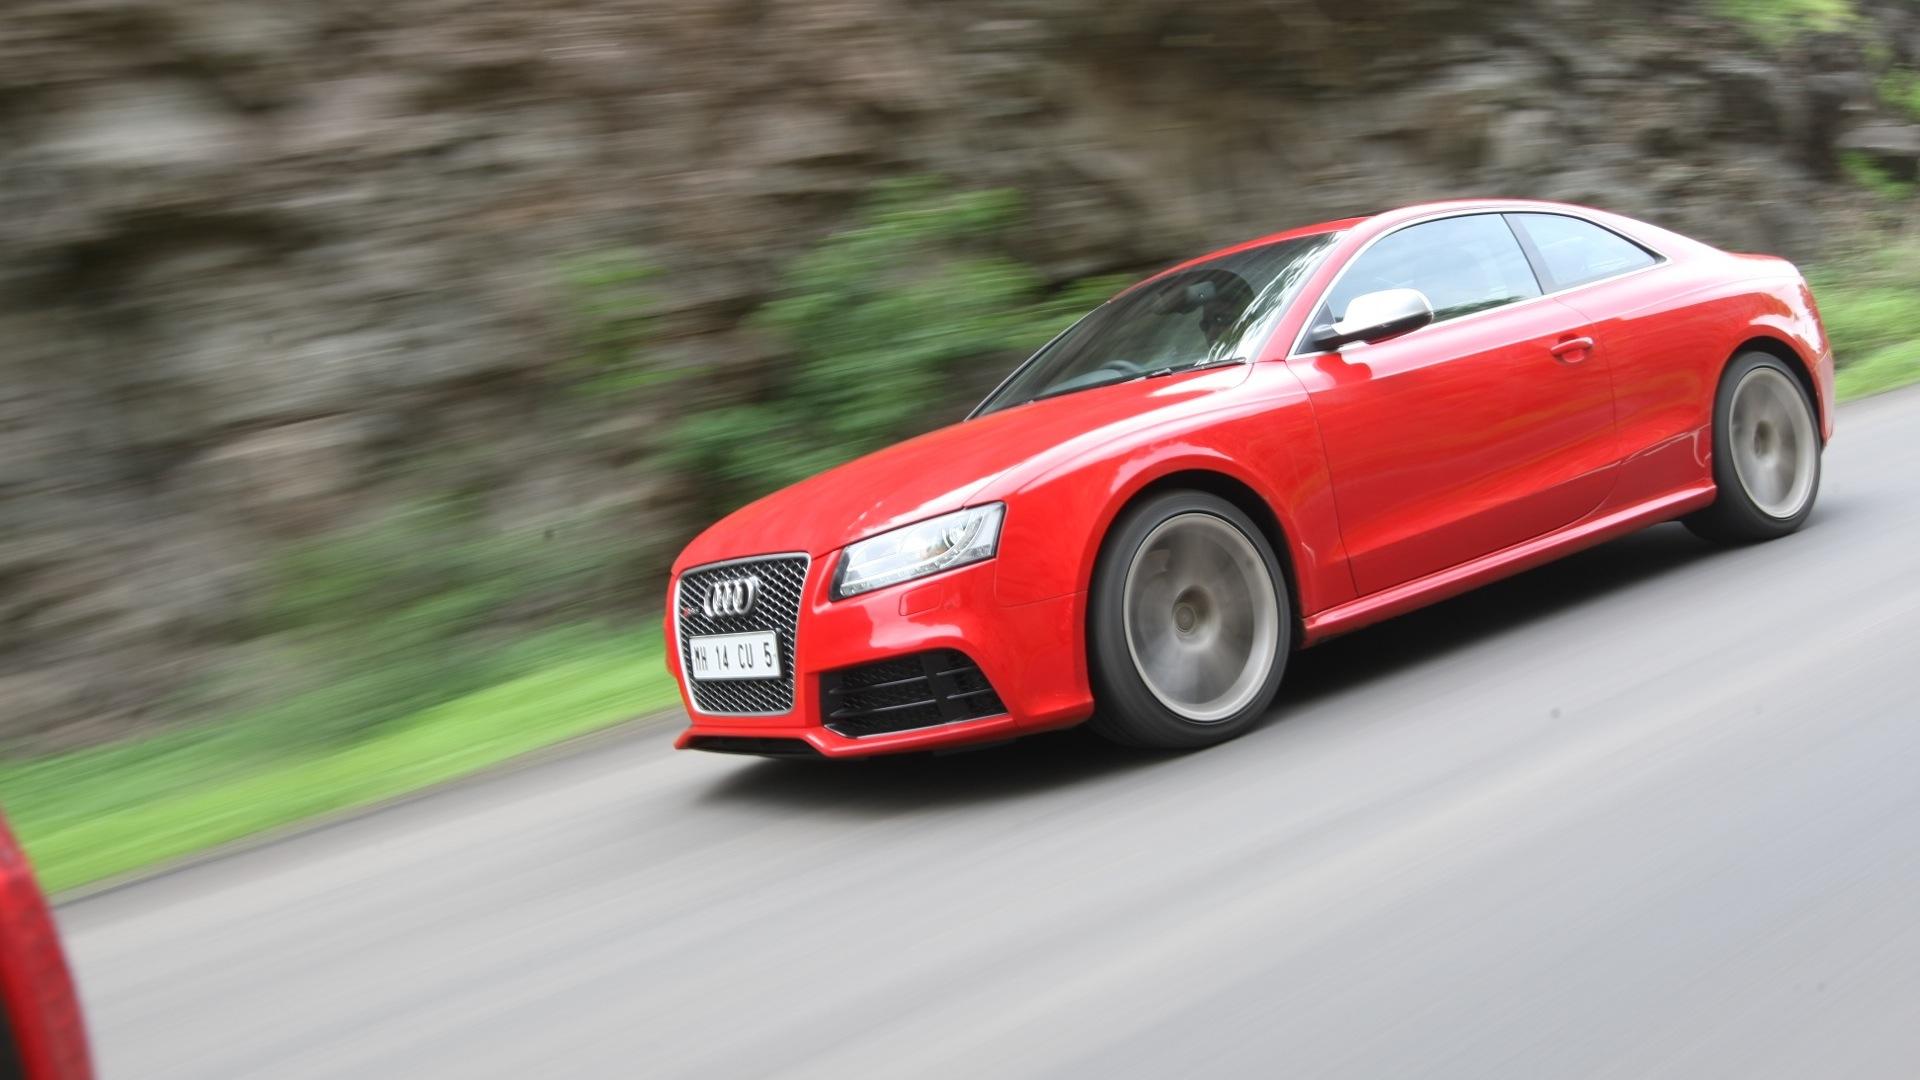 Audi RS 5 2012 4.2 FSI quattro